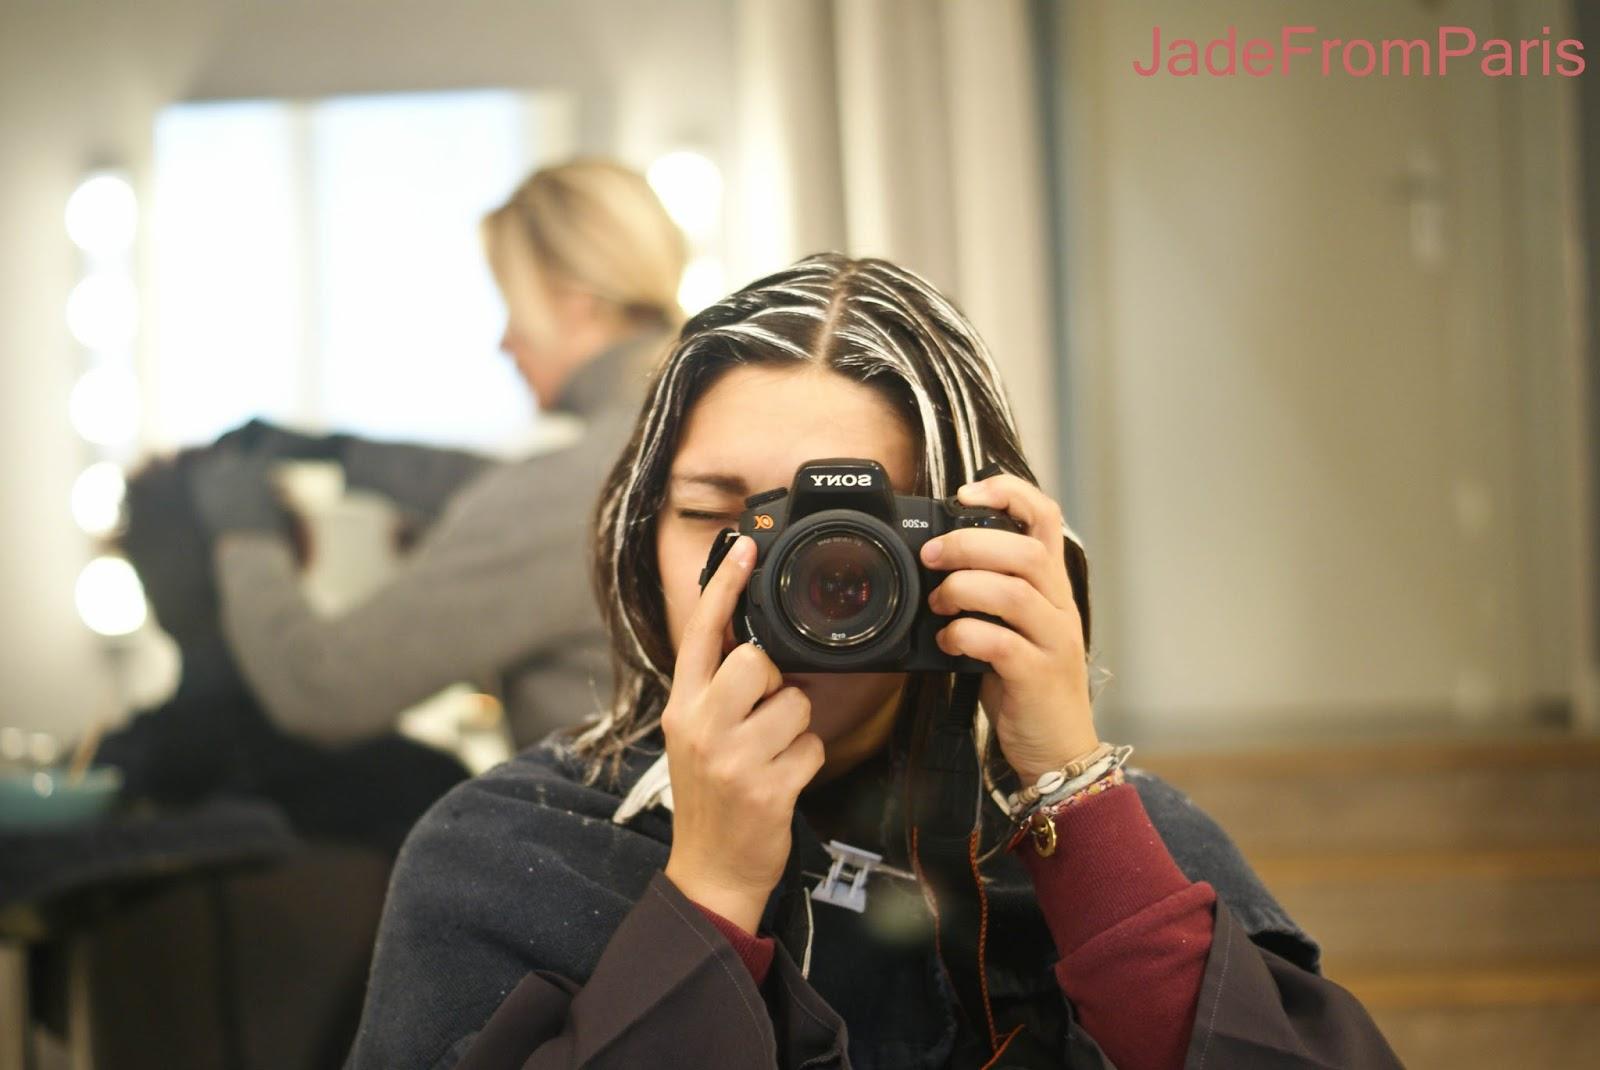 20150 JadeFromParis